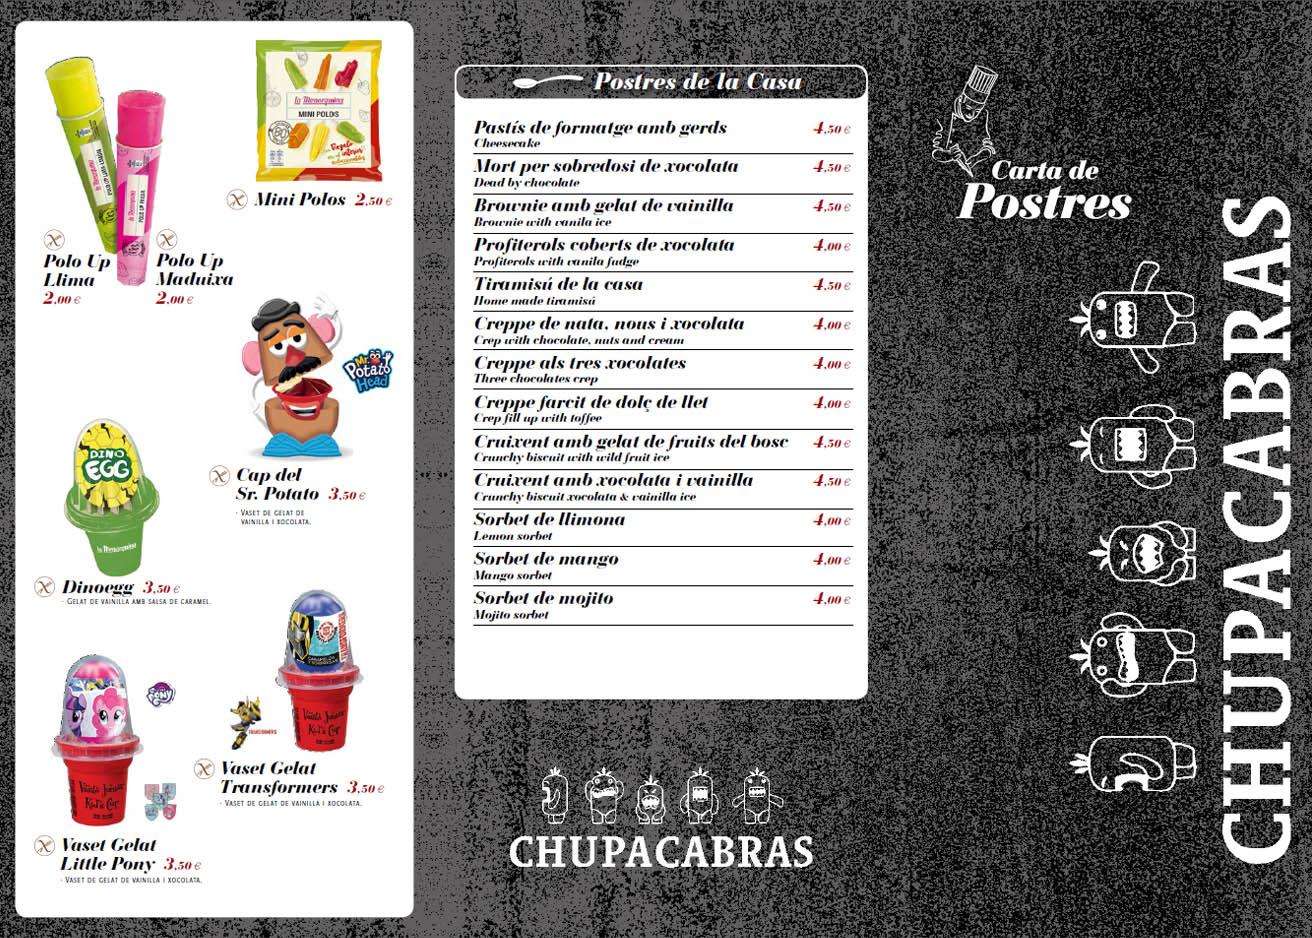 Postres del restaurante mexicano Chupacabras en Sant antoni en la Costa brava